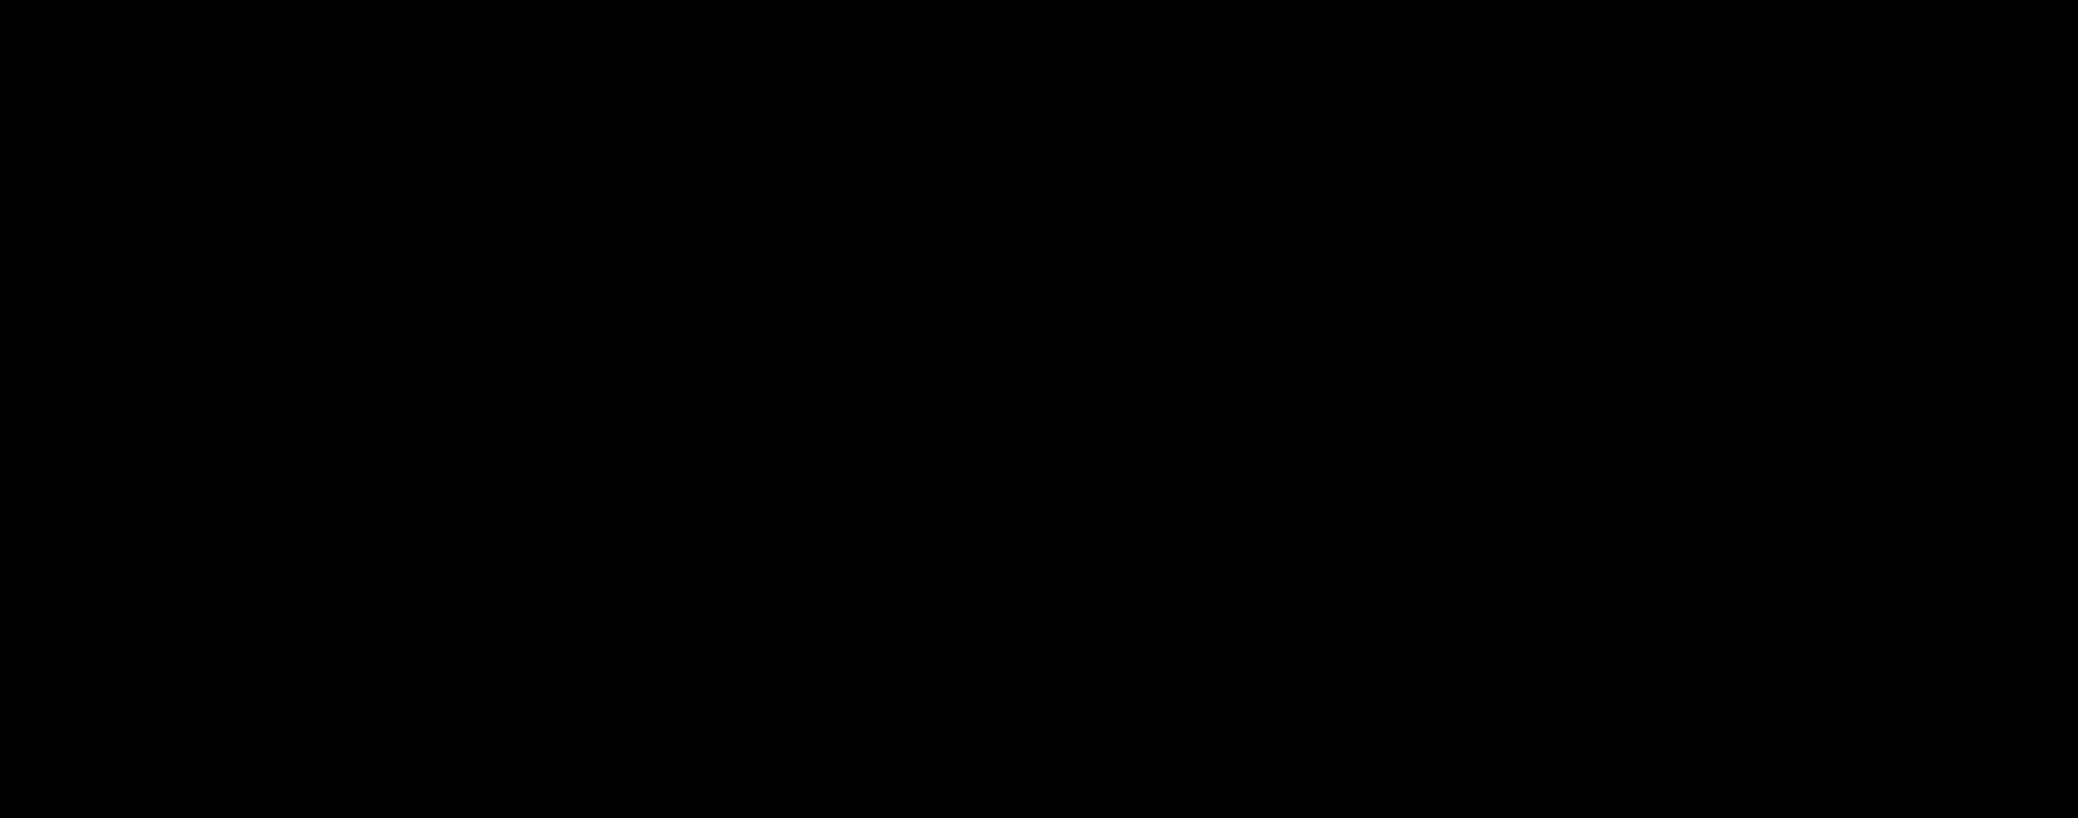 N-Biotinyl-N'-Boc-1,4-butanediamine